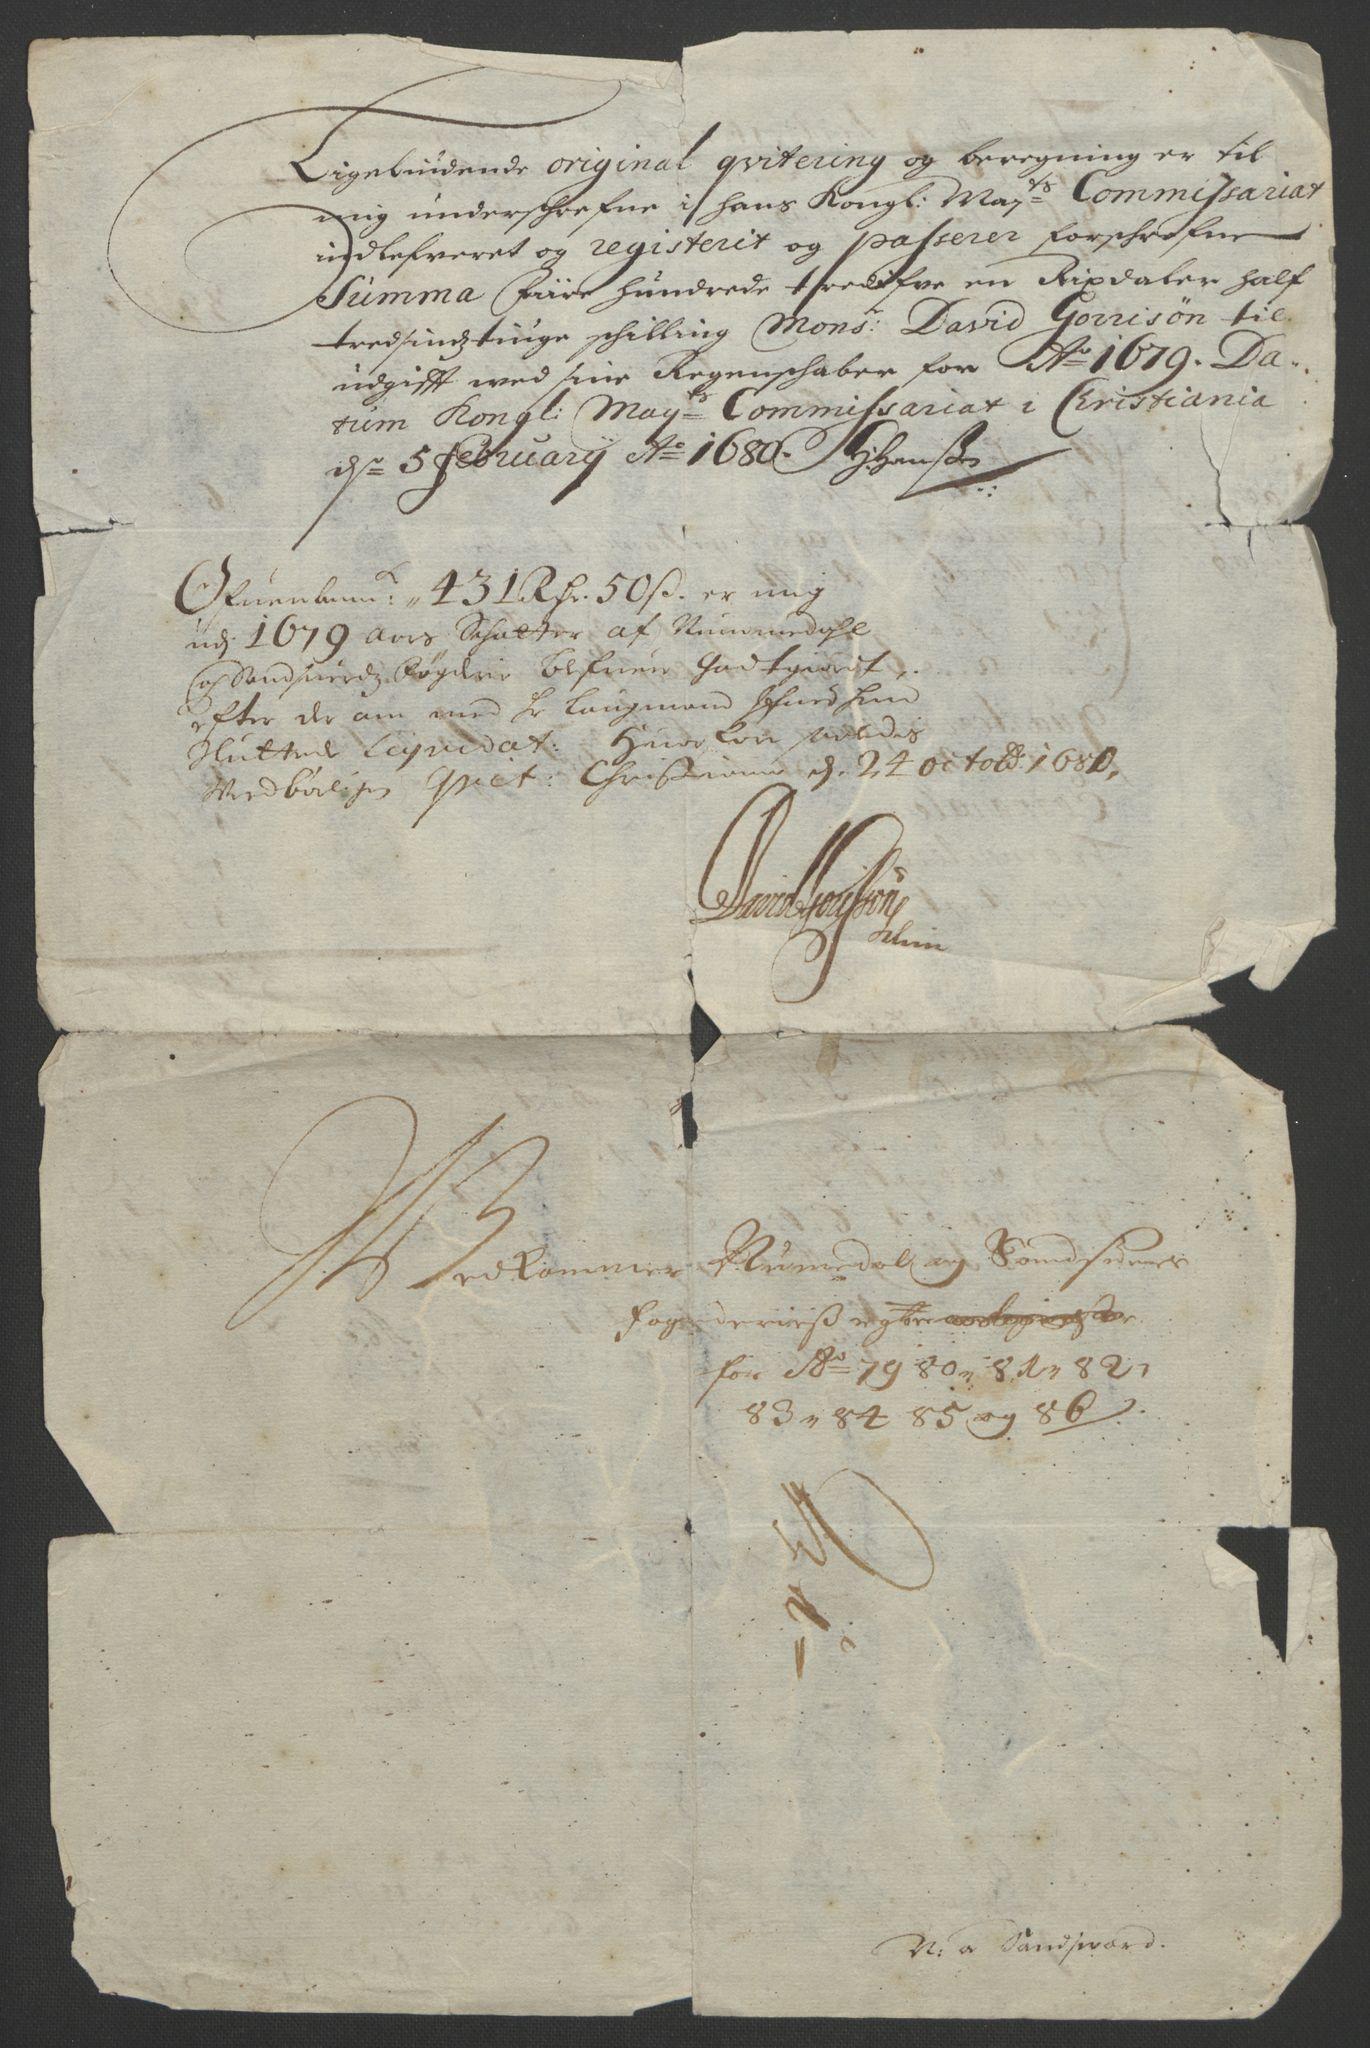 RA, Rentekammeret inntil 1814, Reviderte regnskaper, Fogderegnskap, R24/L1572: Fogderegnskap Numedal og Sandsvær, 1679-1686, s. 197